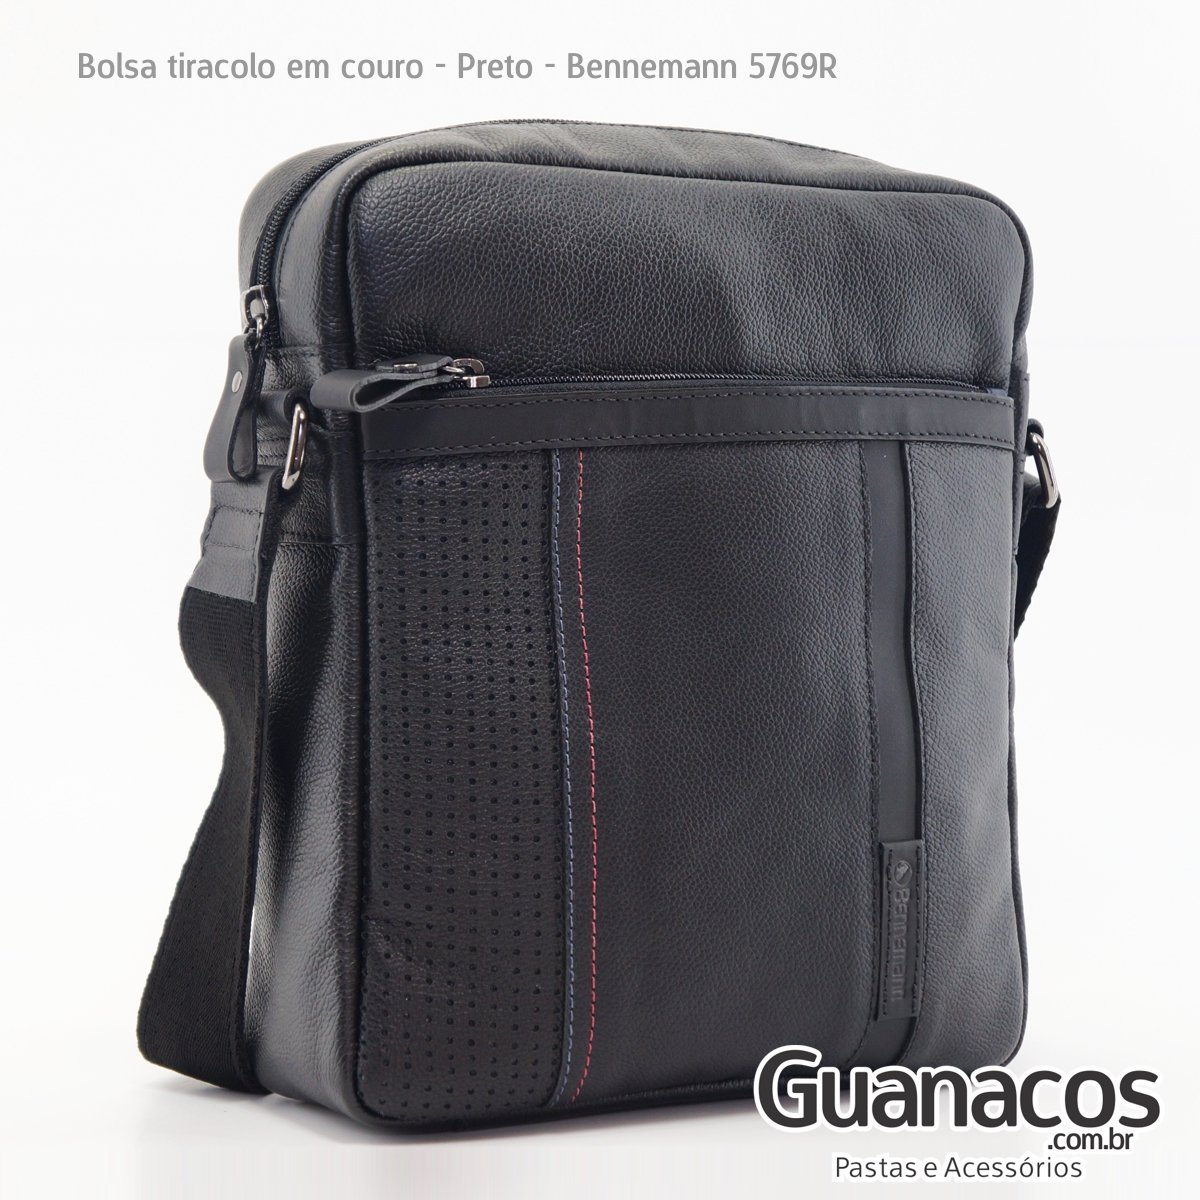 c3cd41341 Pasta Carteiro Tiracolo Compacta - Preta - Couro - 5769R - Bennemann ...